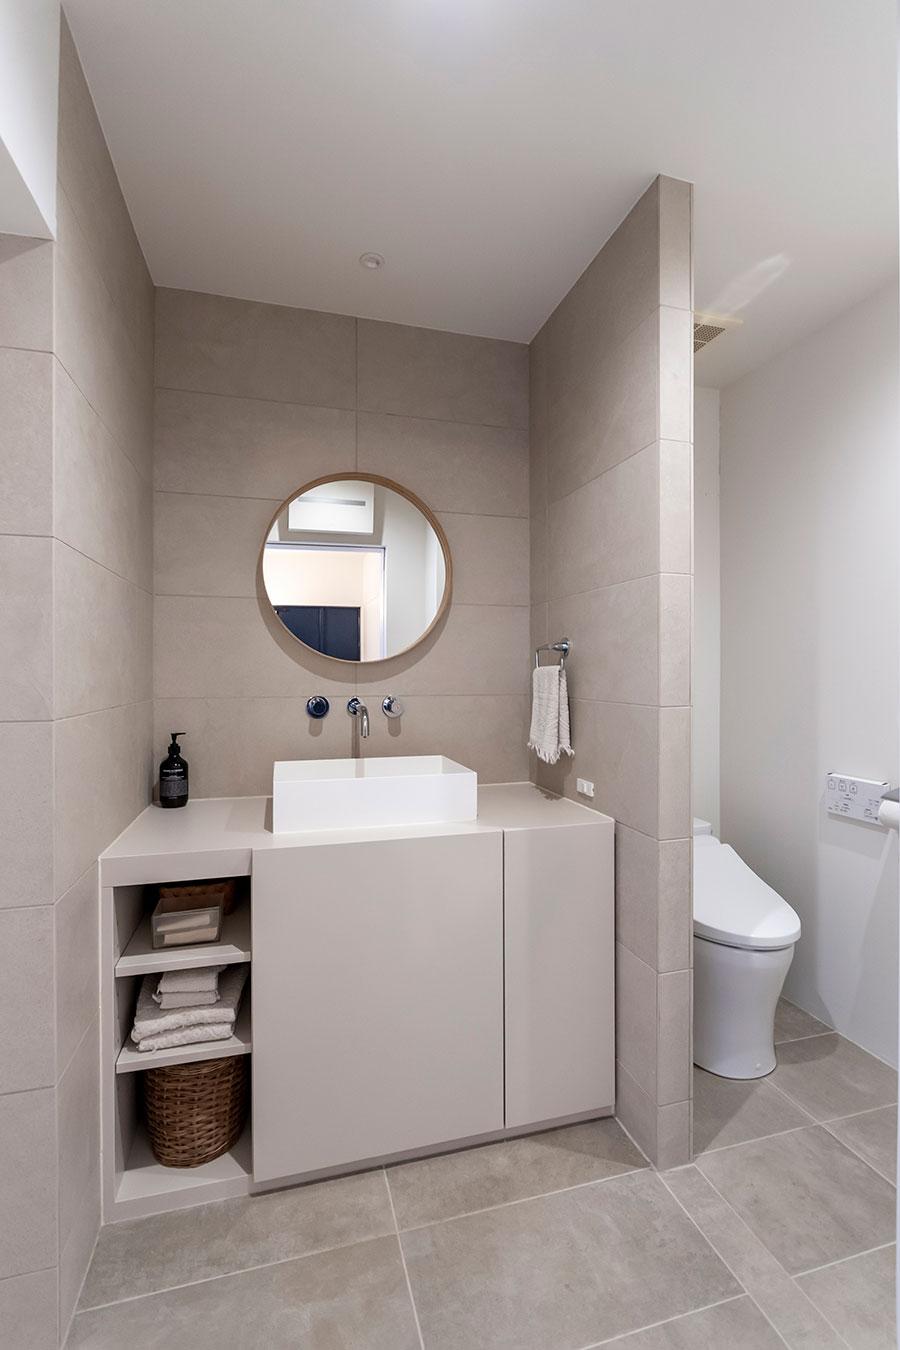 トイレには扉をつけず、洗面所と同空間に設置。